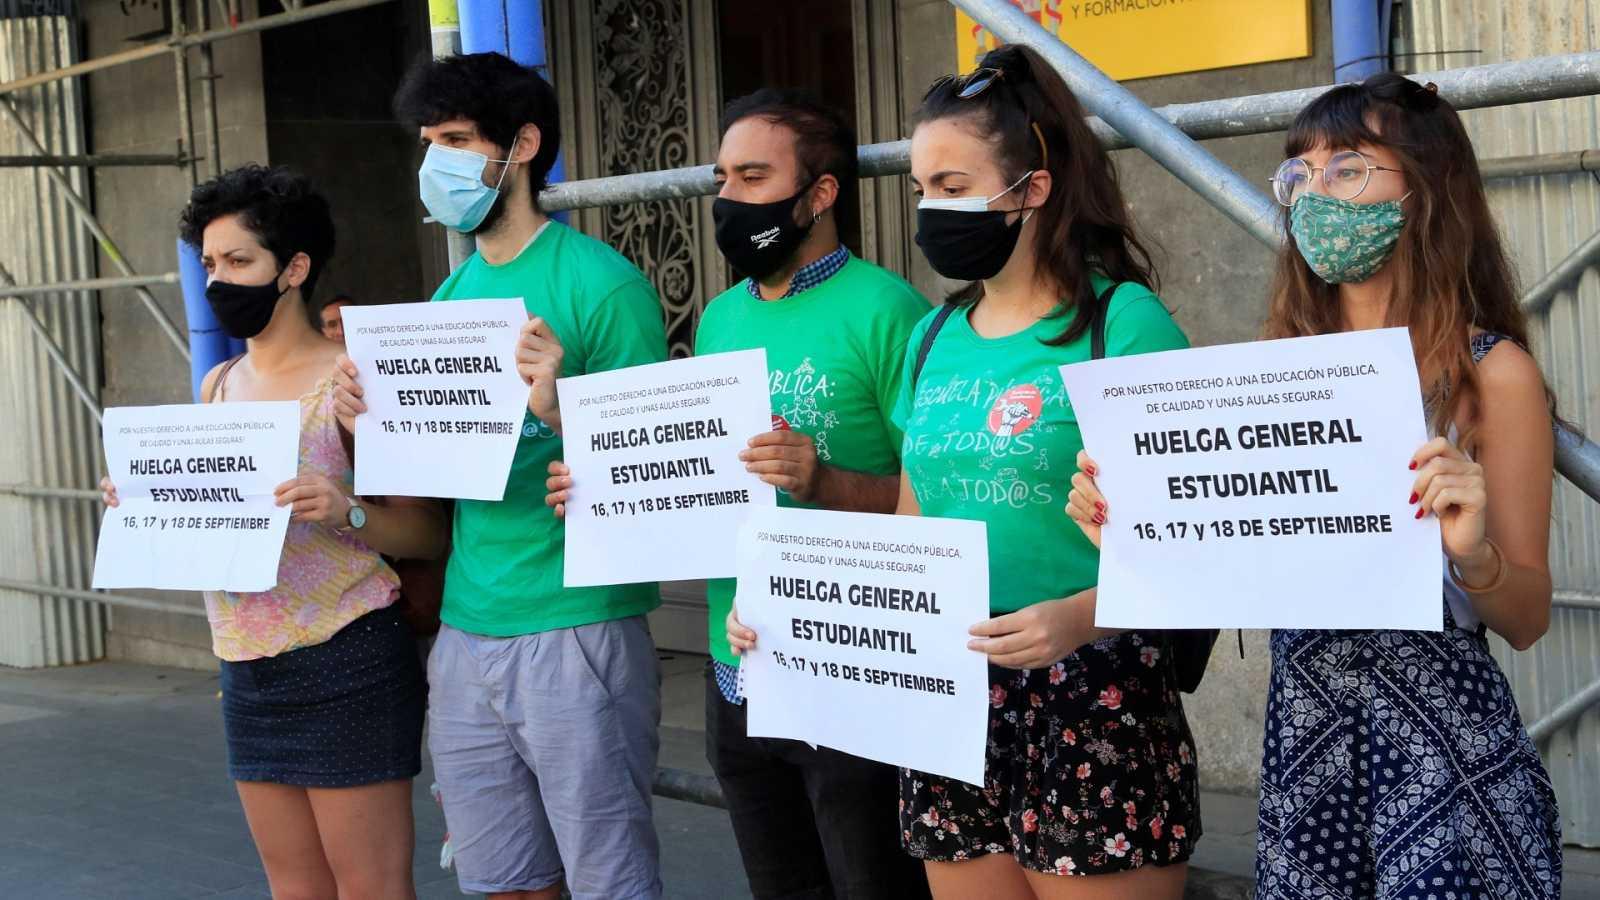 El Sindicato de Estudiantes anuncia una huelga en toda España en protesta por las condiciones de la vuelta al cole